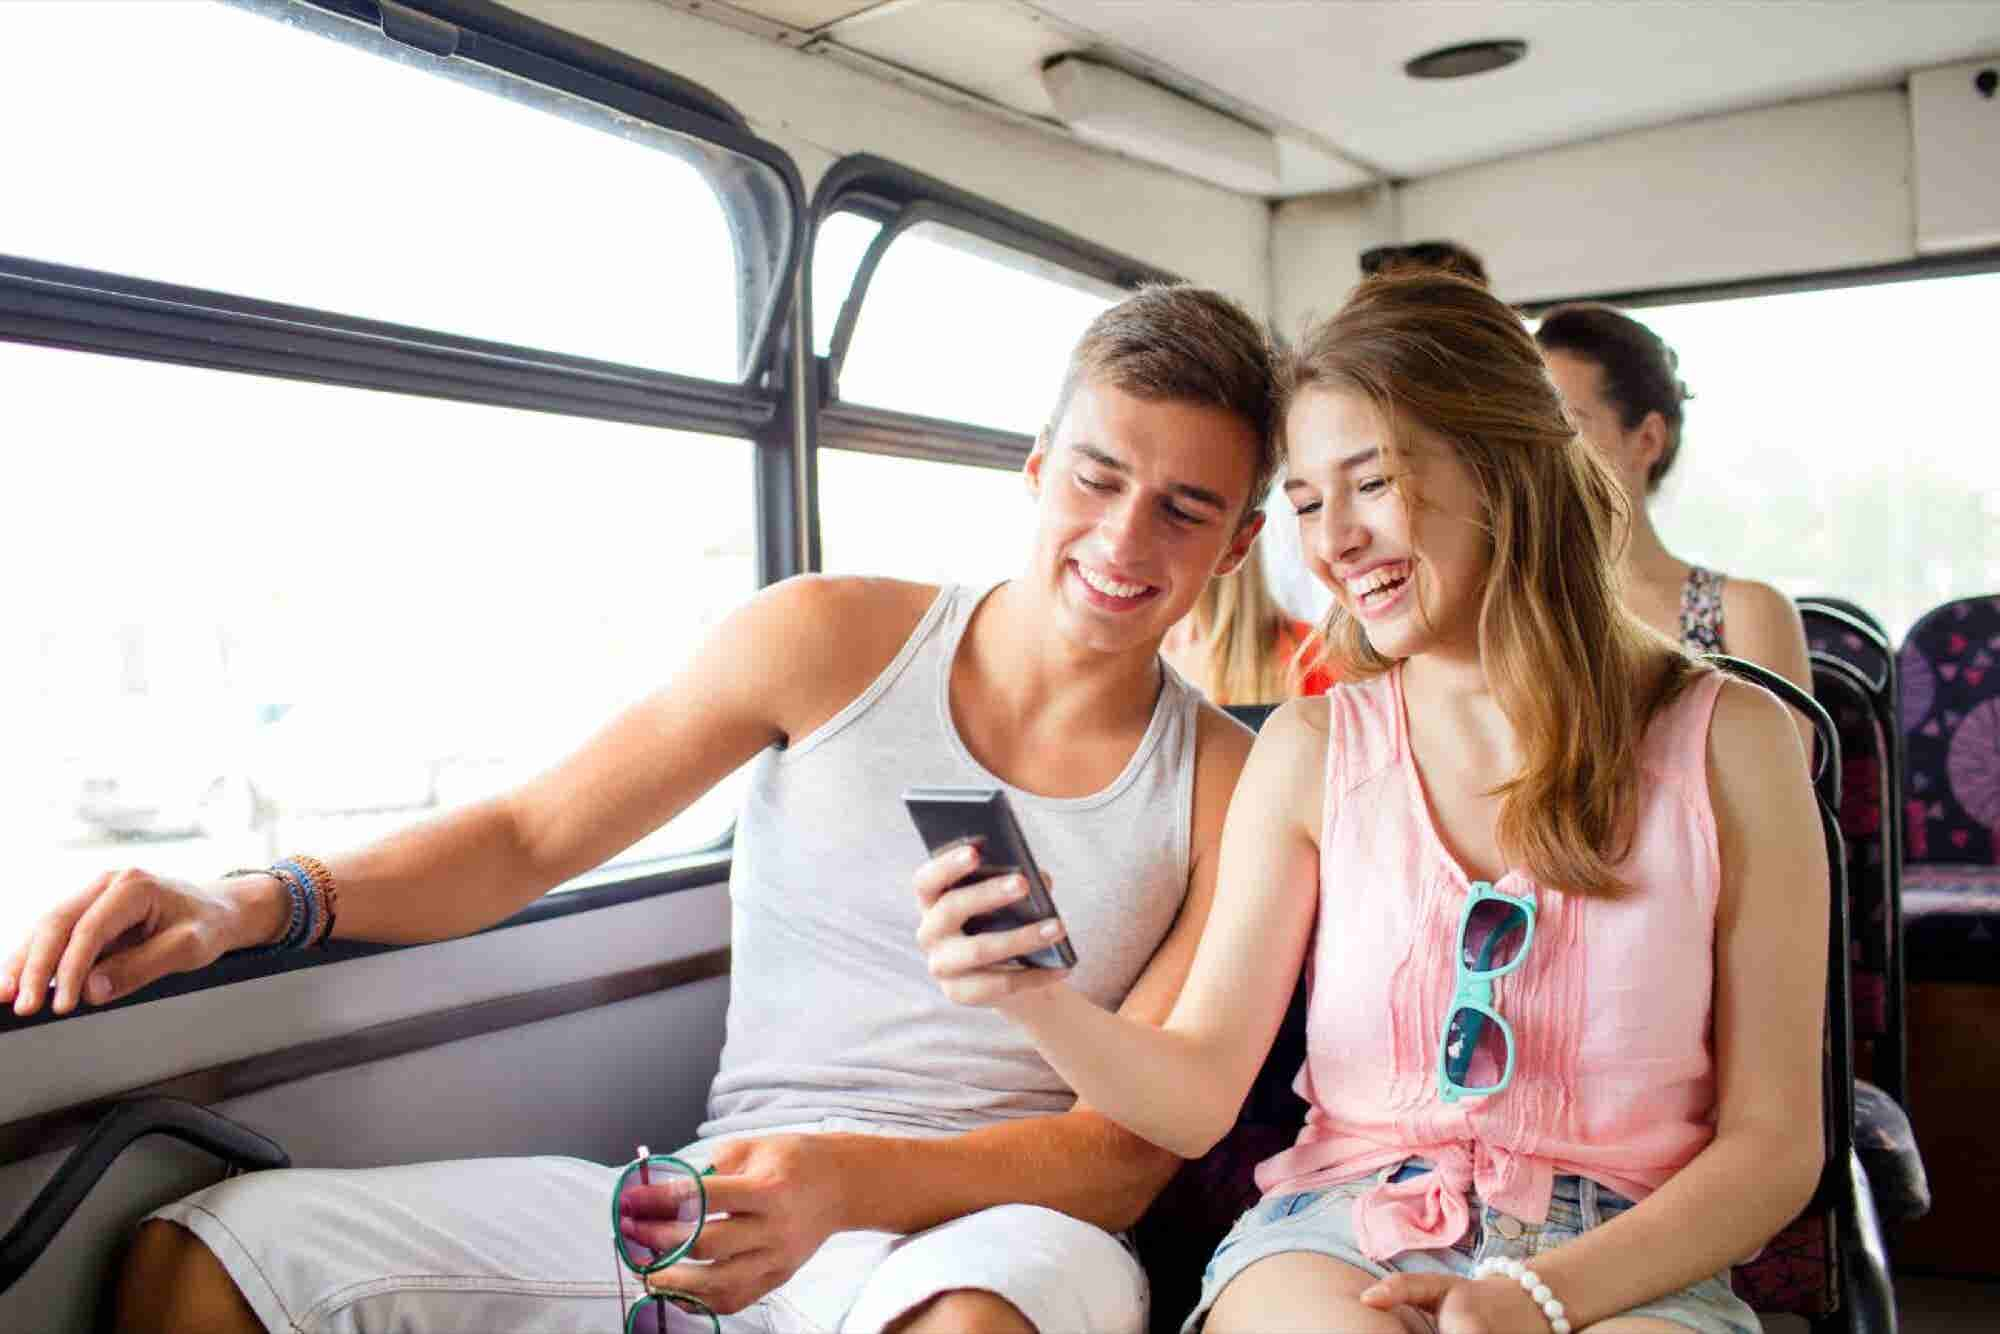 La startup que revoluciona la vieja industria de los viajes por los millennials